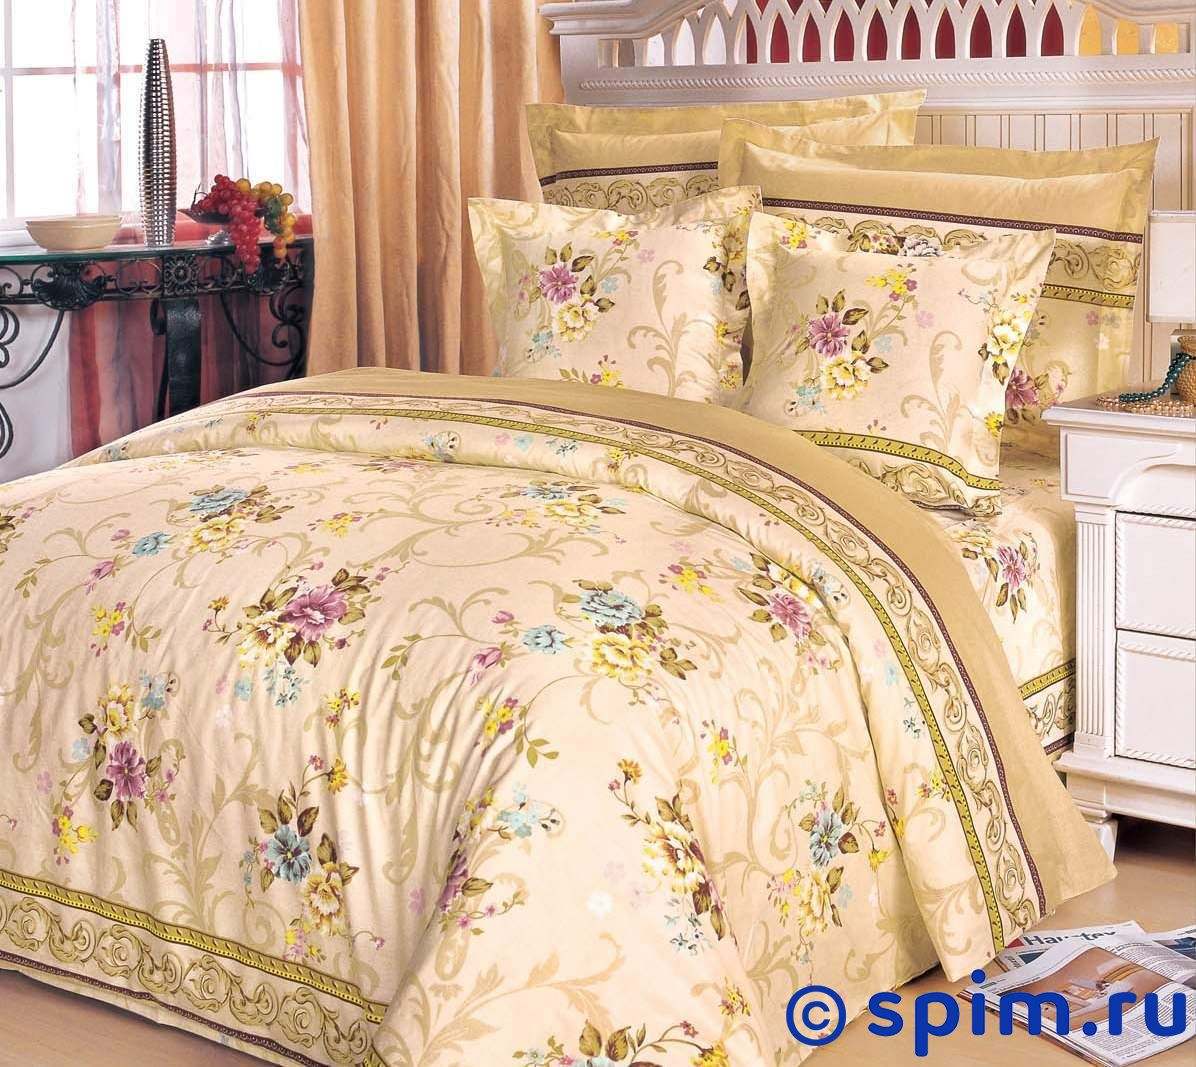 Комплект СайлиД А58 1.5 спальное